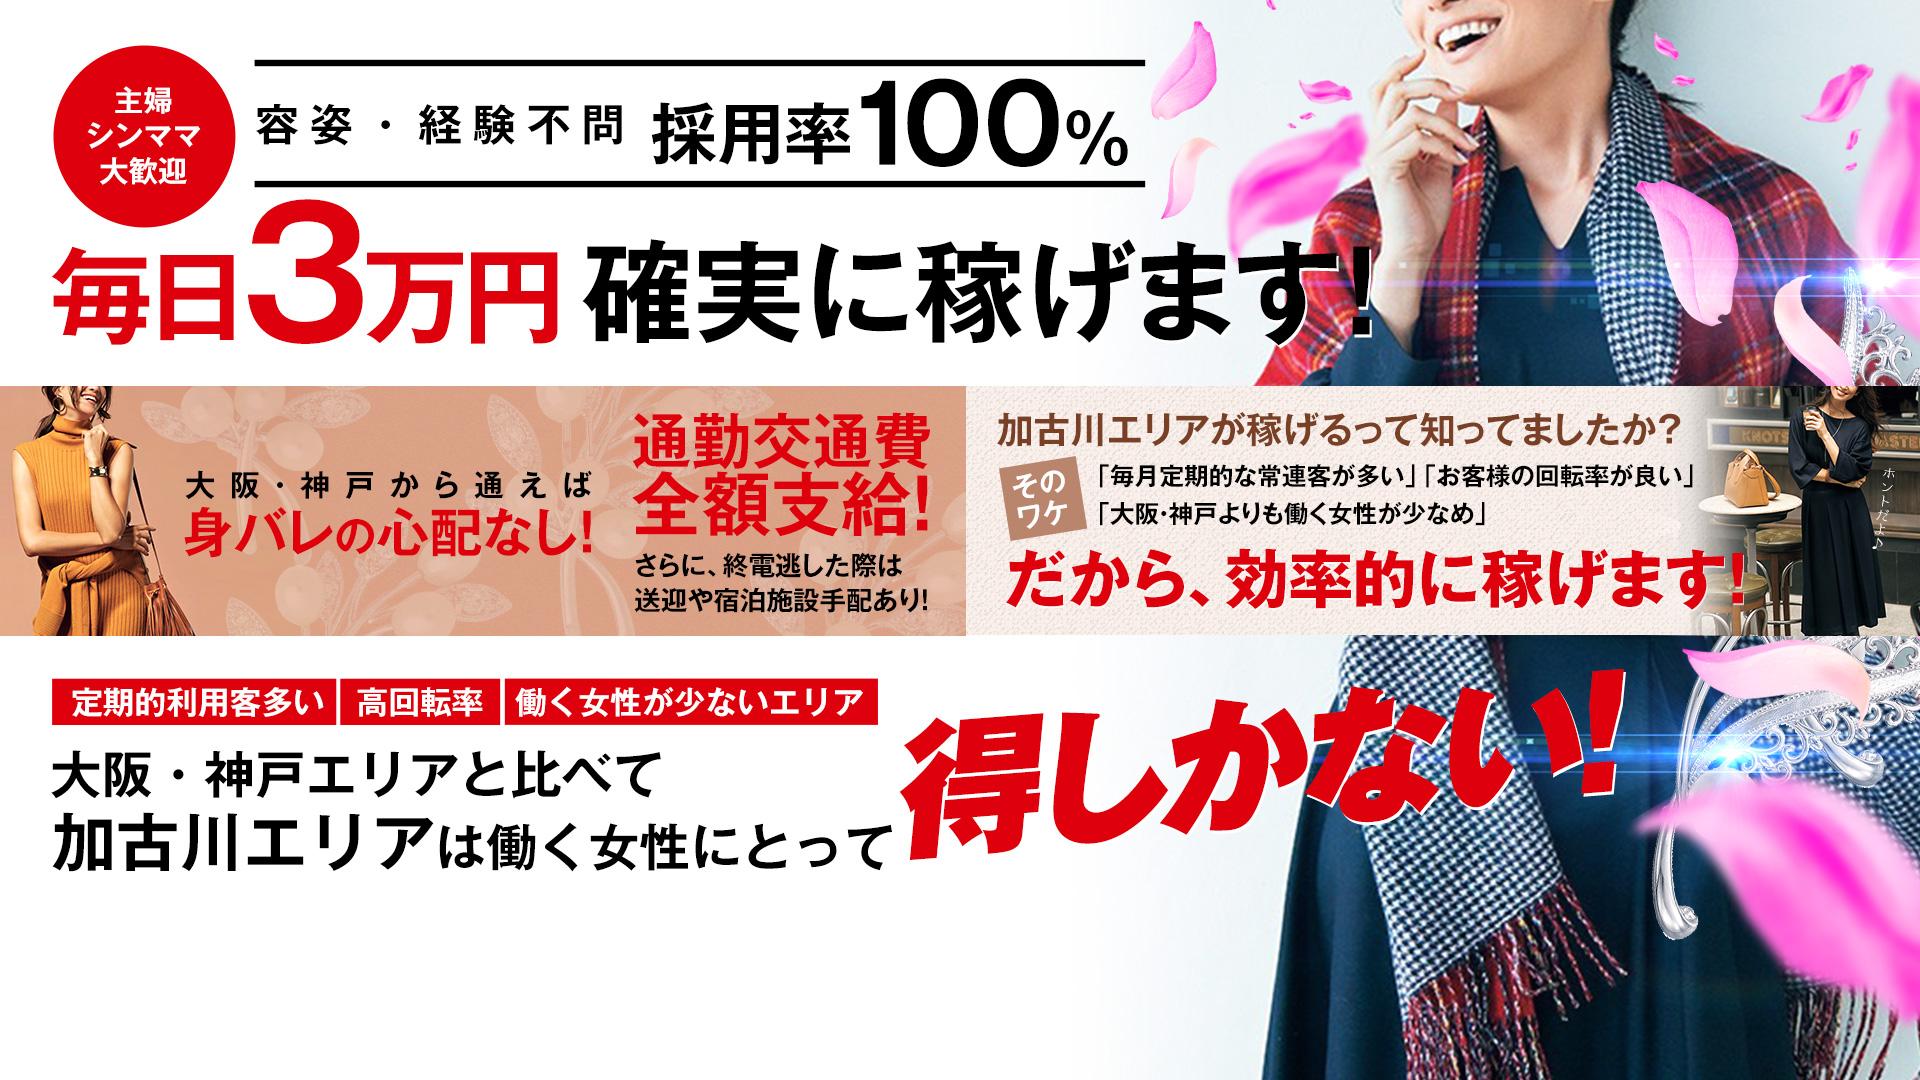 ドMな奥様加古川店の求人画像